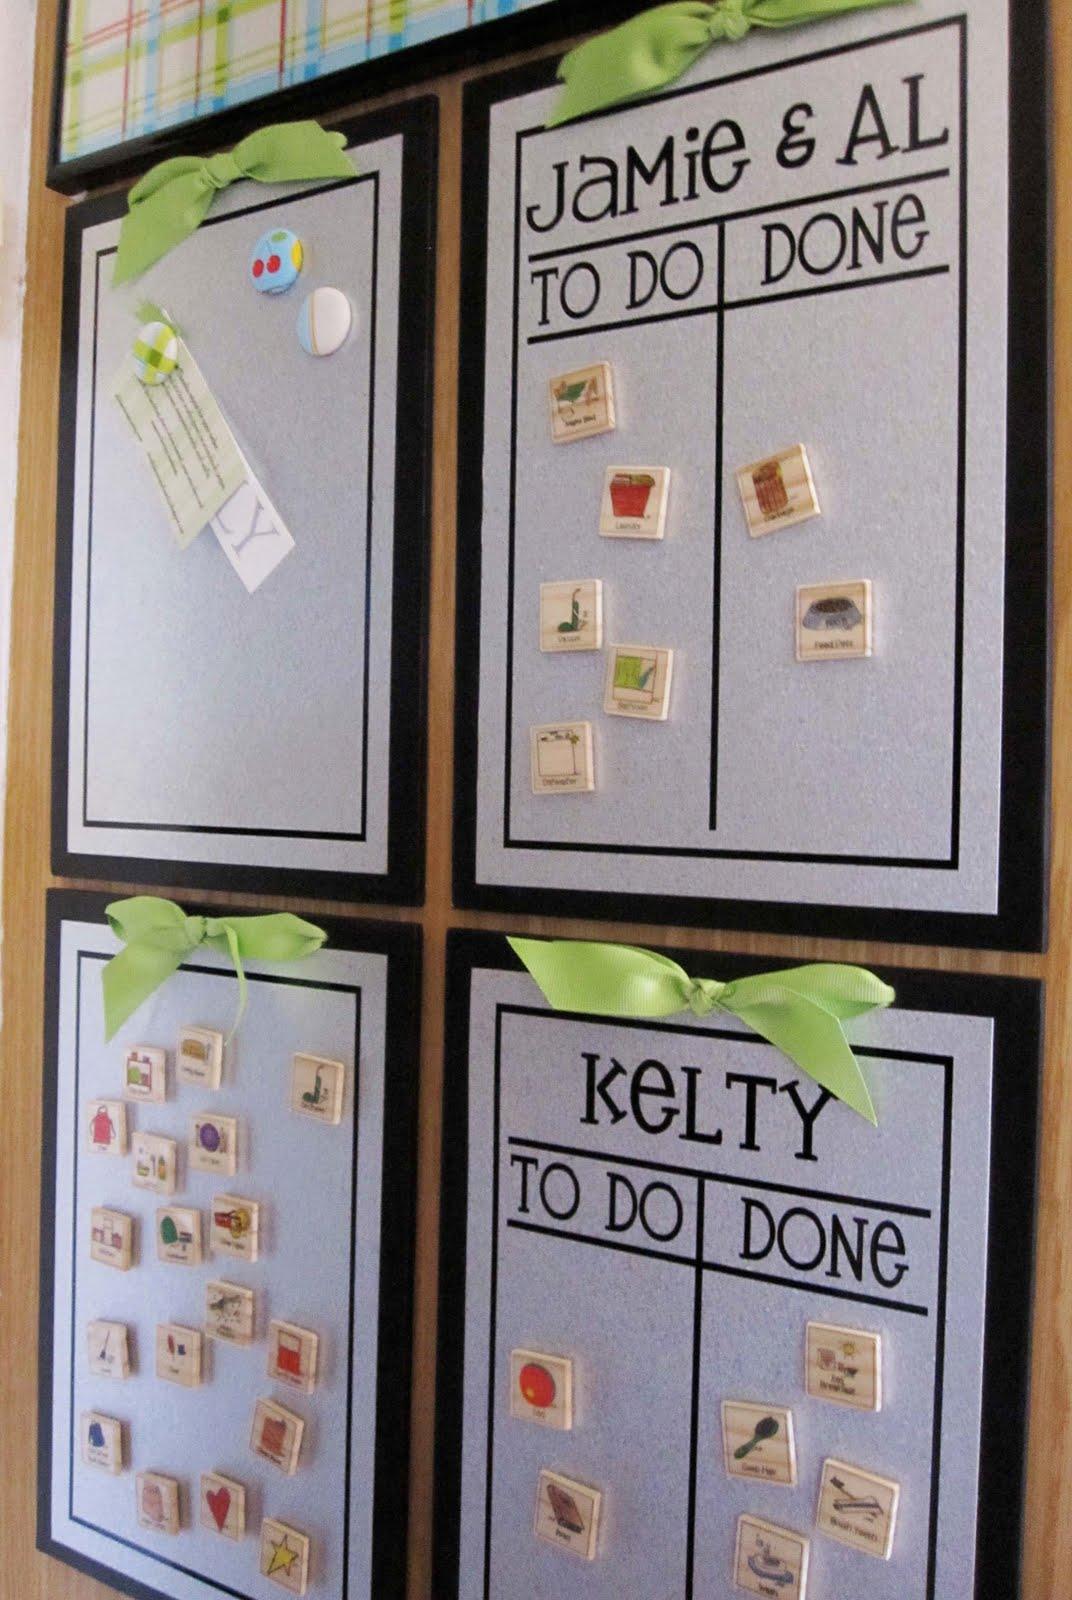 Daily Calendar Display Board Calendar Ottawa Carleton District School Board Craftionary